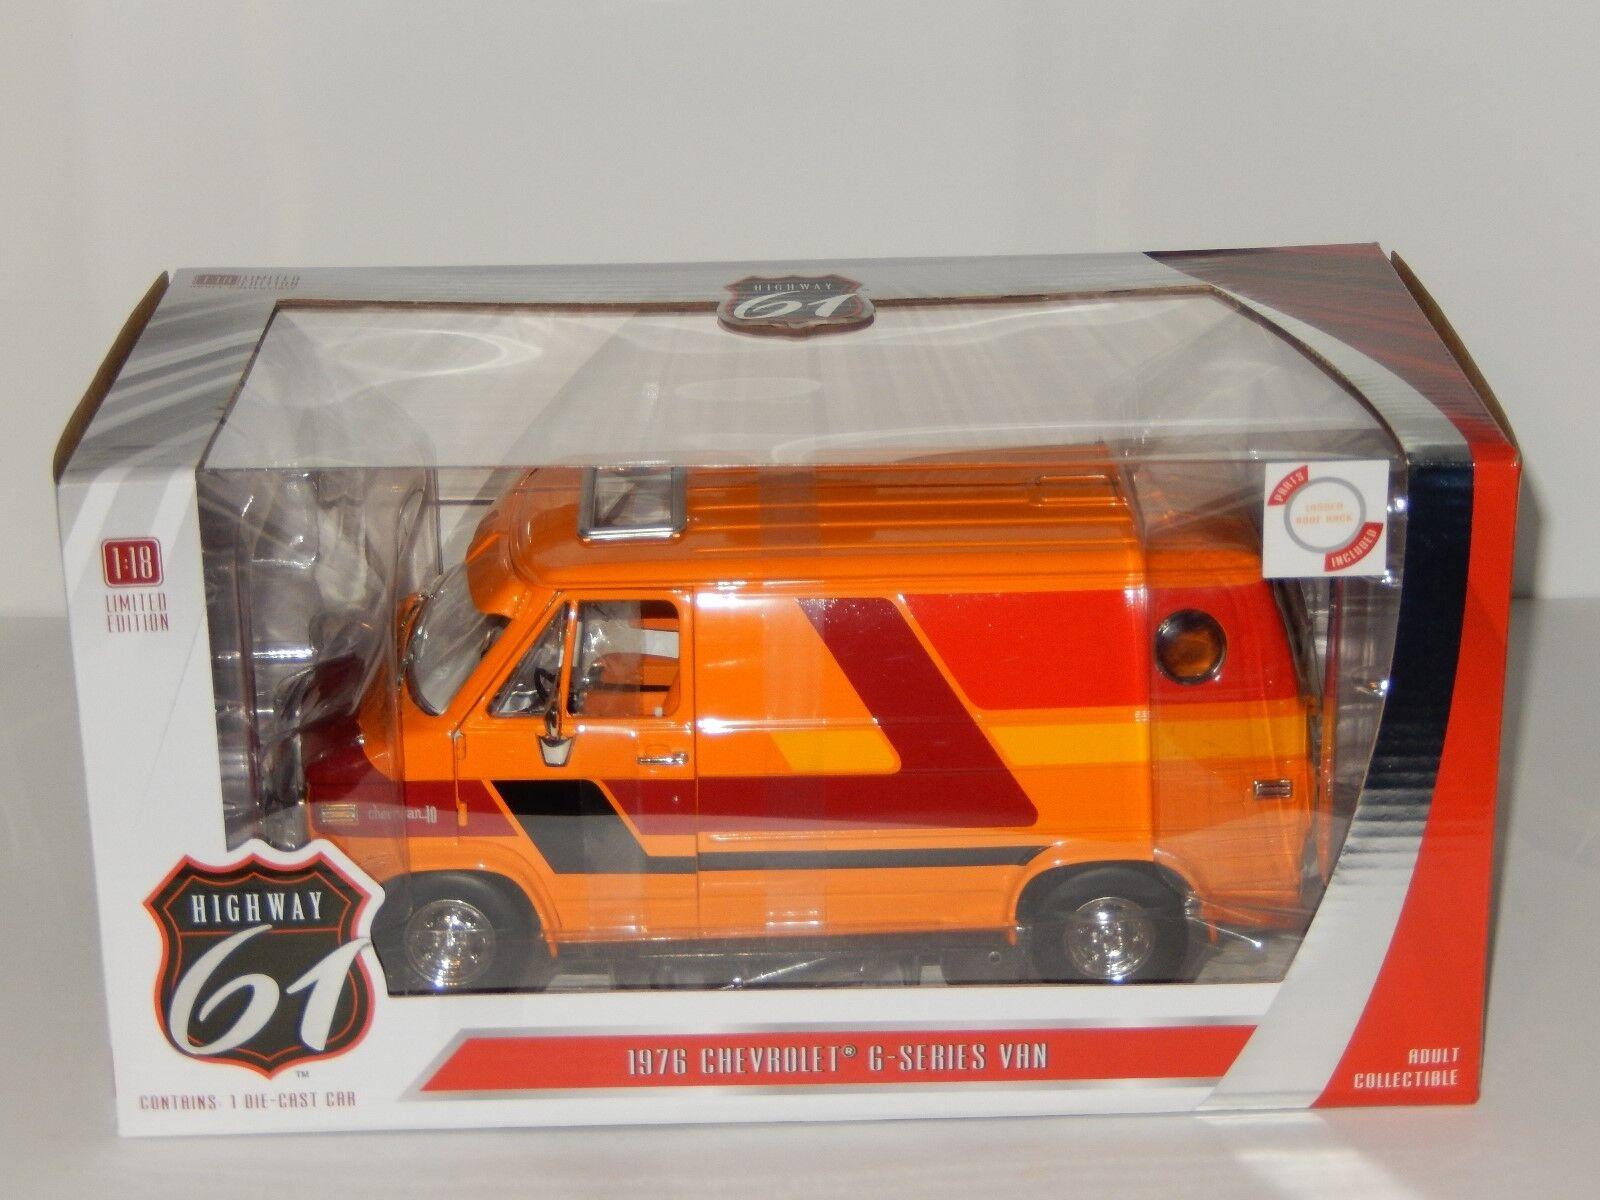 1 18 Scale Highway-61 1976 Chevrolet G-Series Van, Item No. HWY-18012